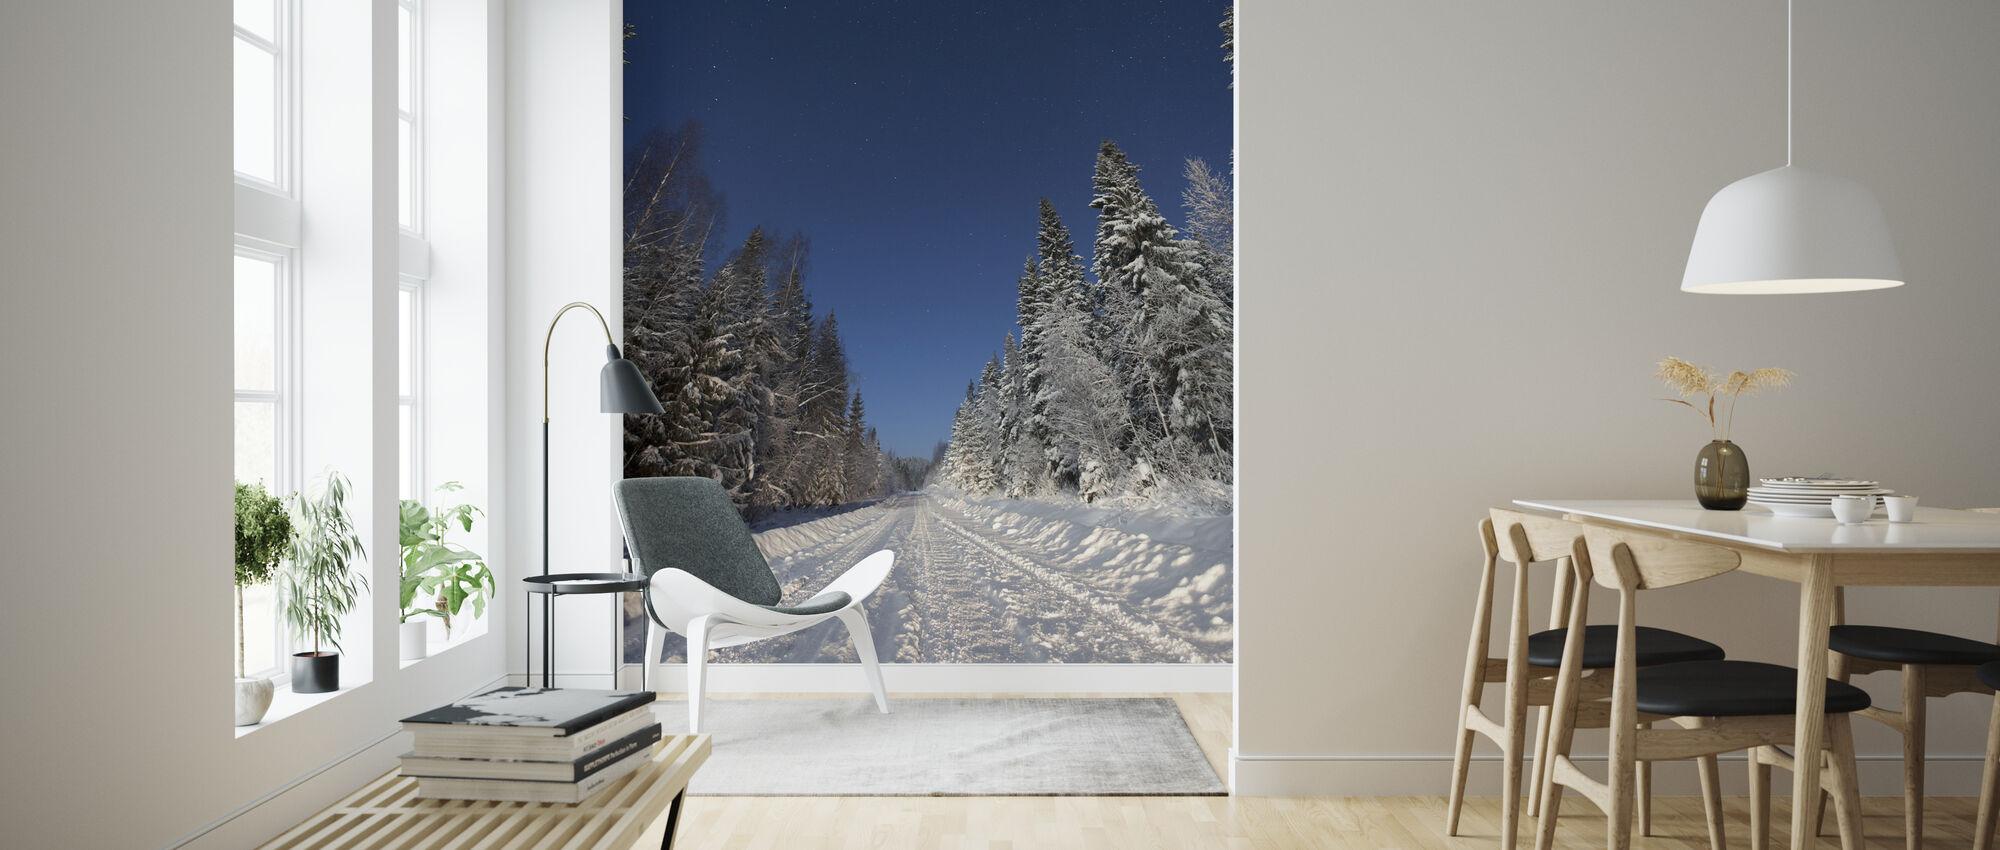 Talvimaisema Mora, Ruotsi - Tapetti - Olohuone